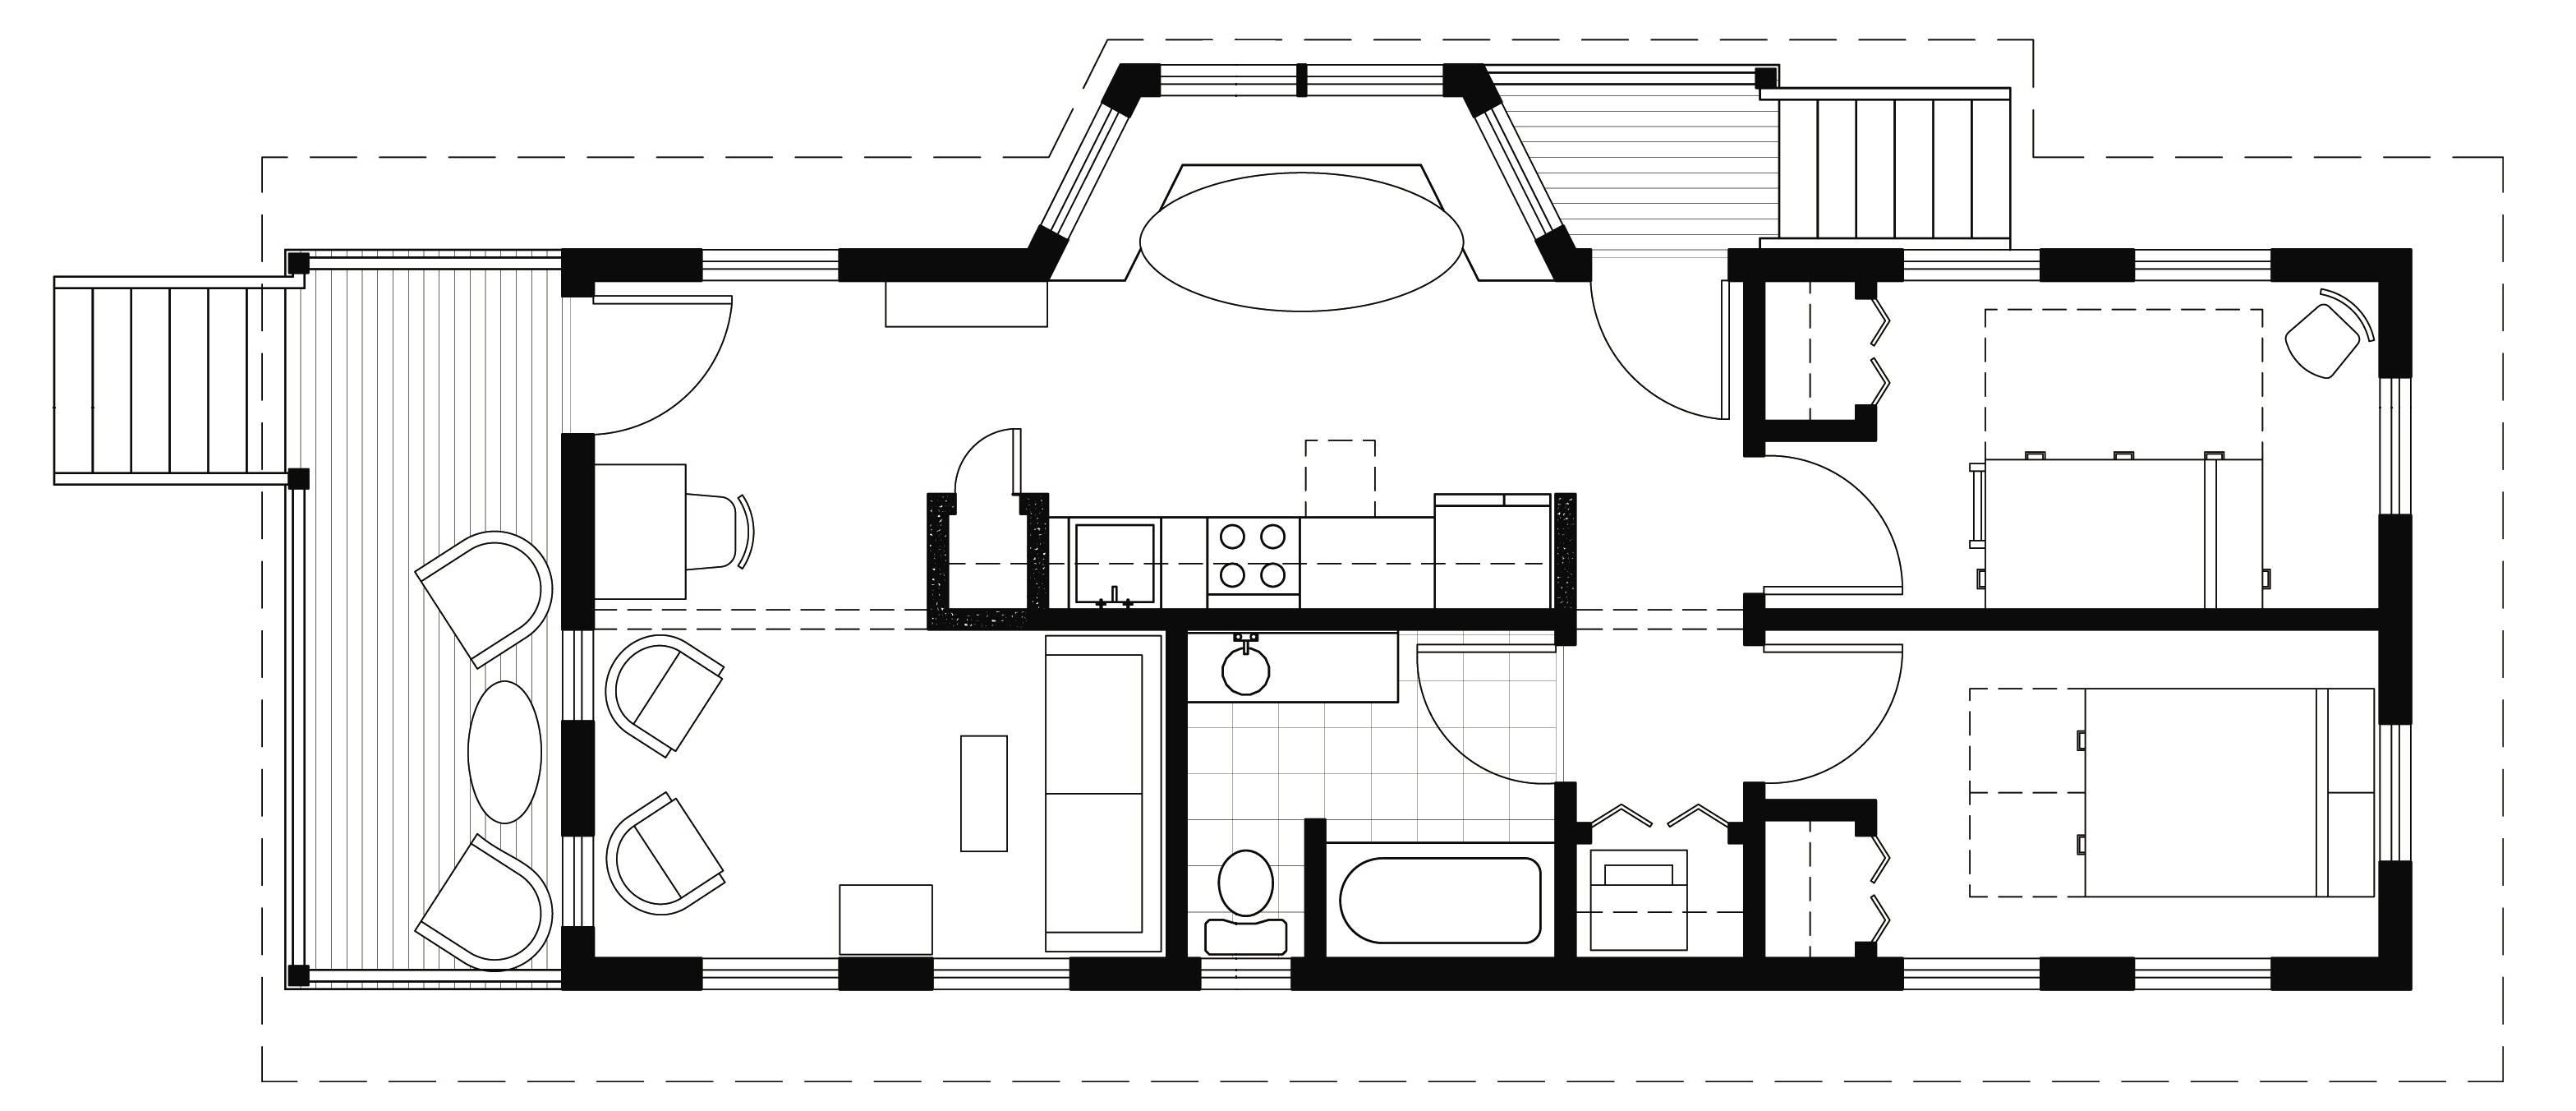 shotgun house floor plans pinterest home plans